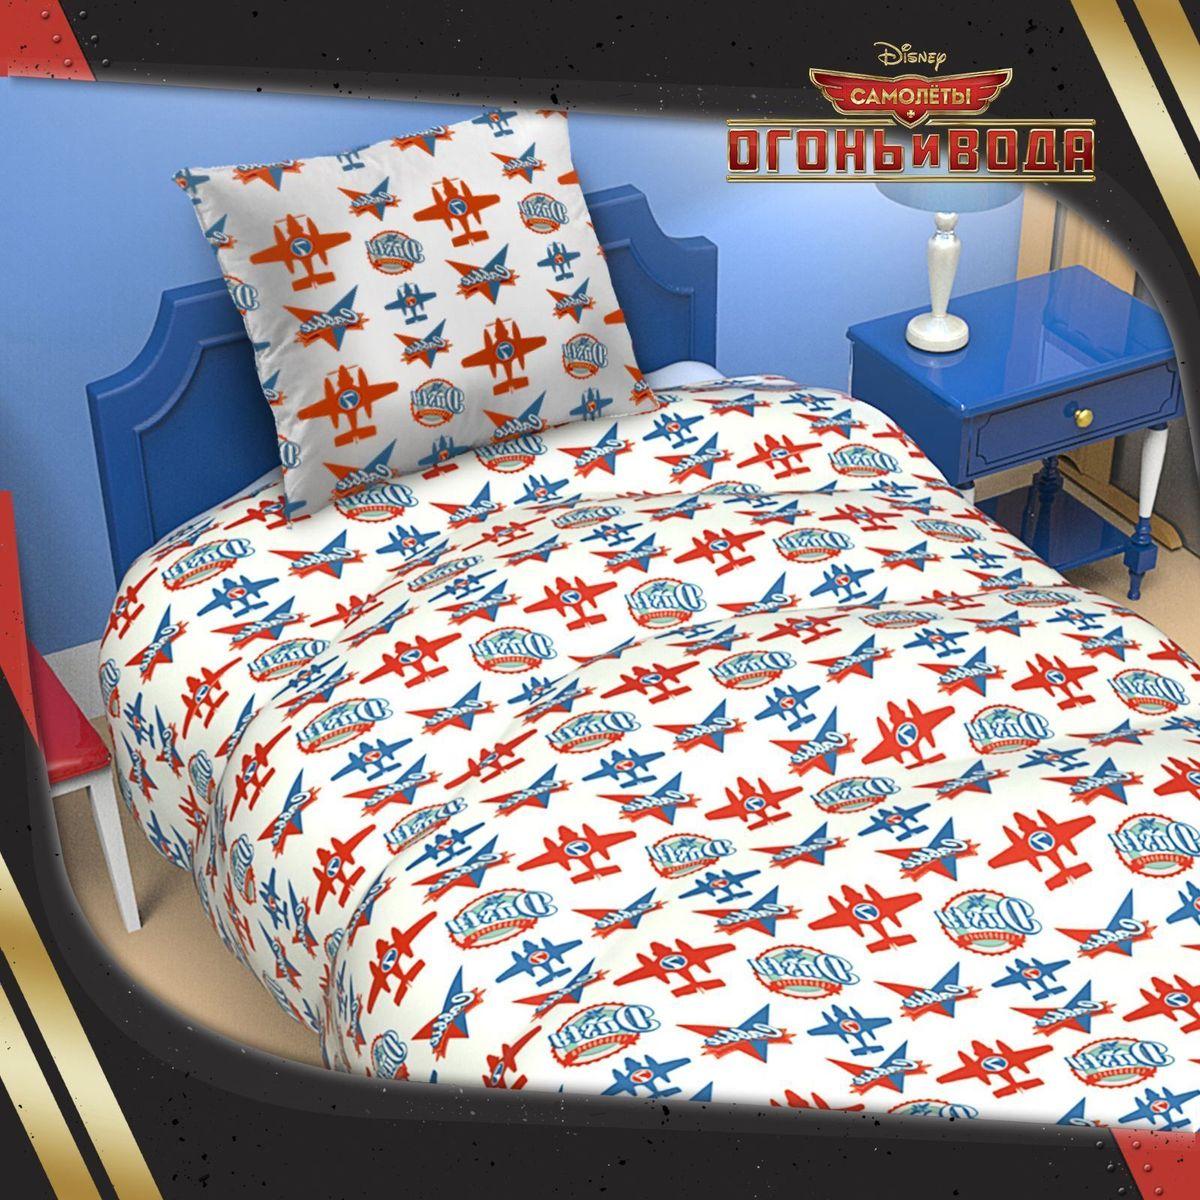 Disney Одеяло 1,5 спальное Самолеты 140 х 205 см 1153170